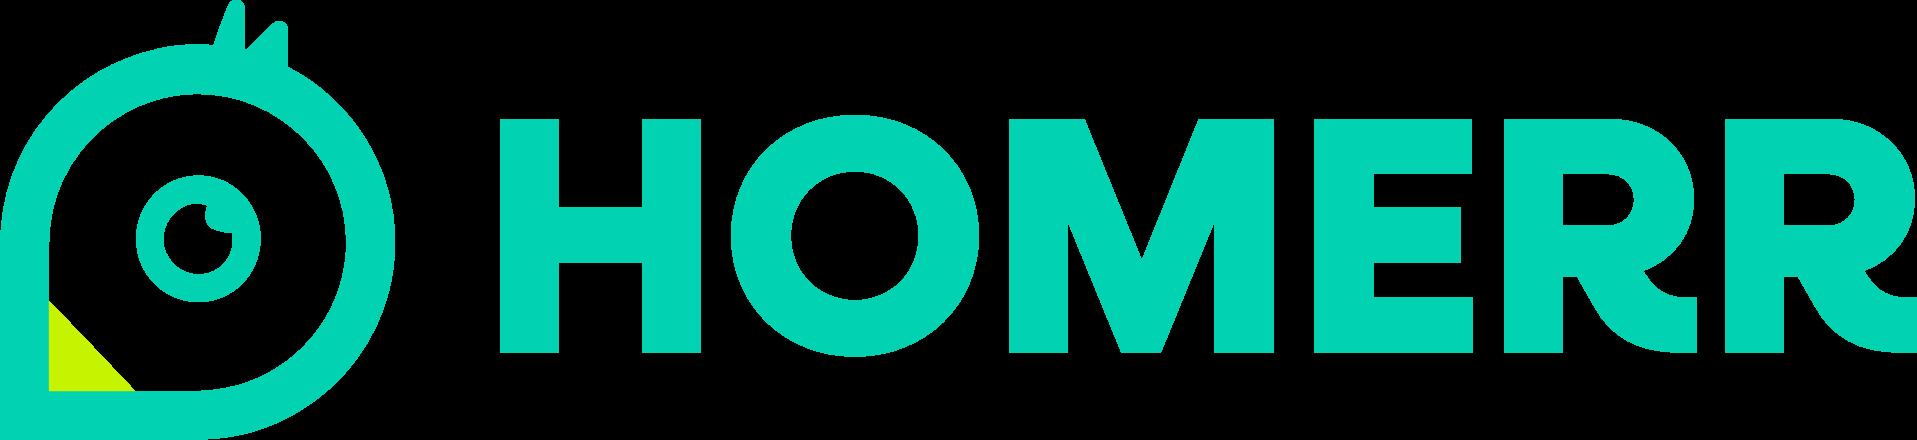 Homerr_logo